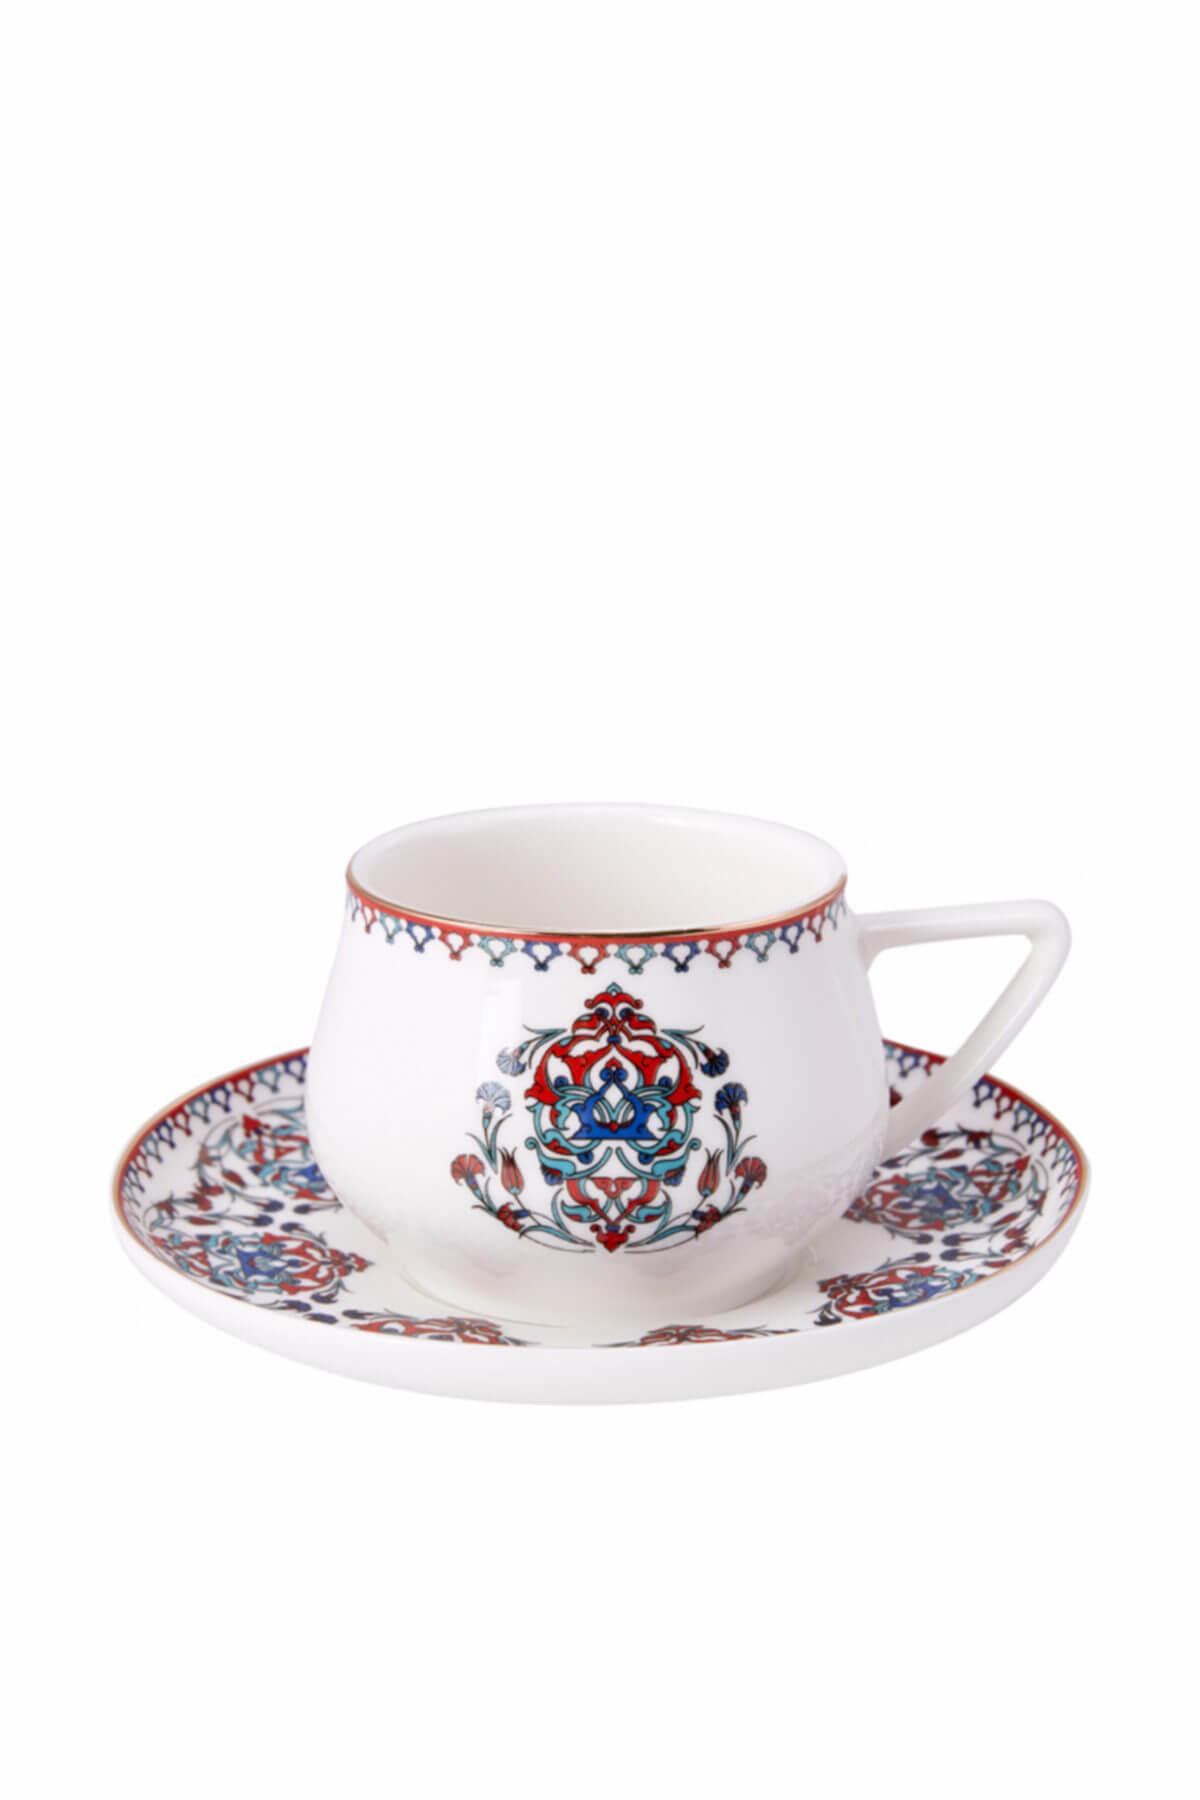 Karaca Nakkaş 4 Kişilik Çay Fincan Takımı 1